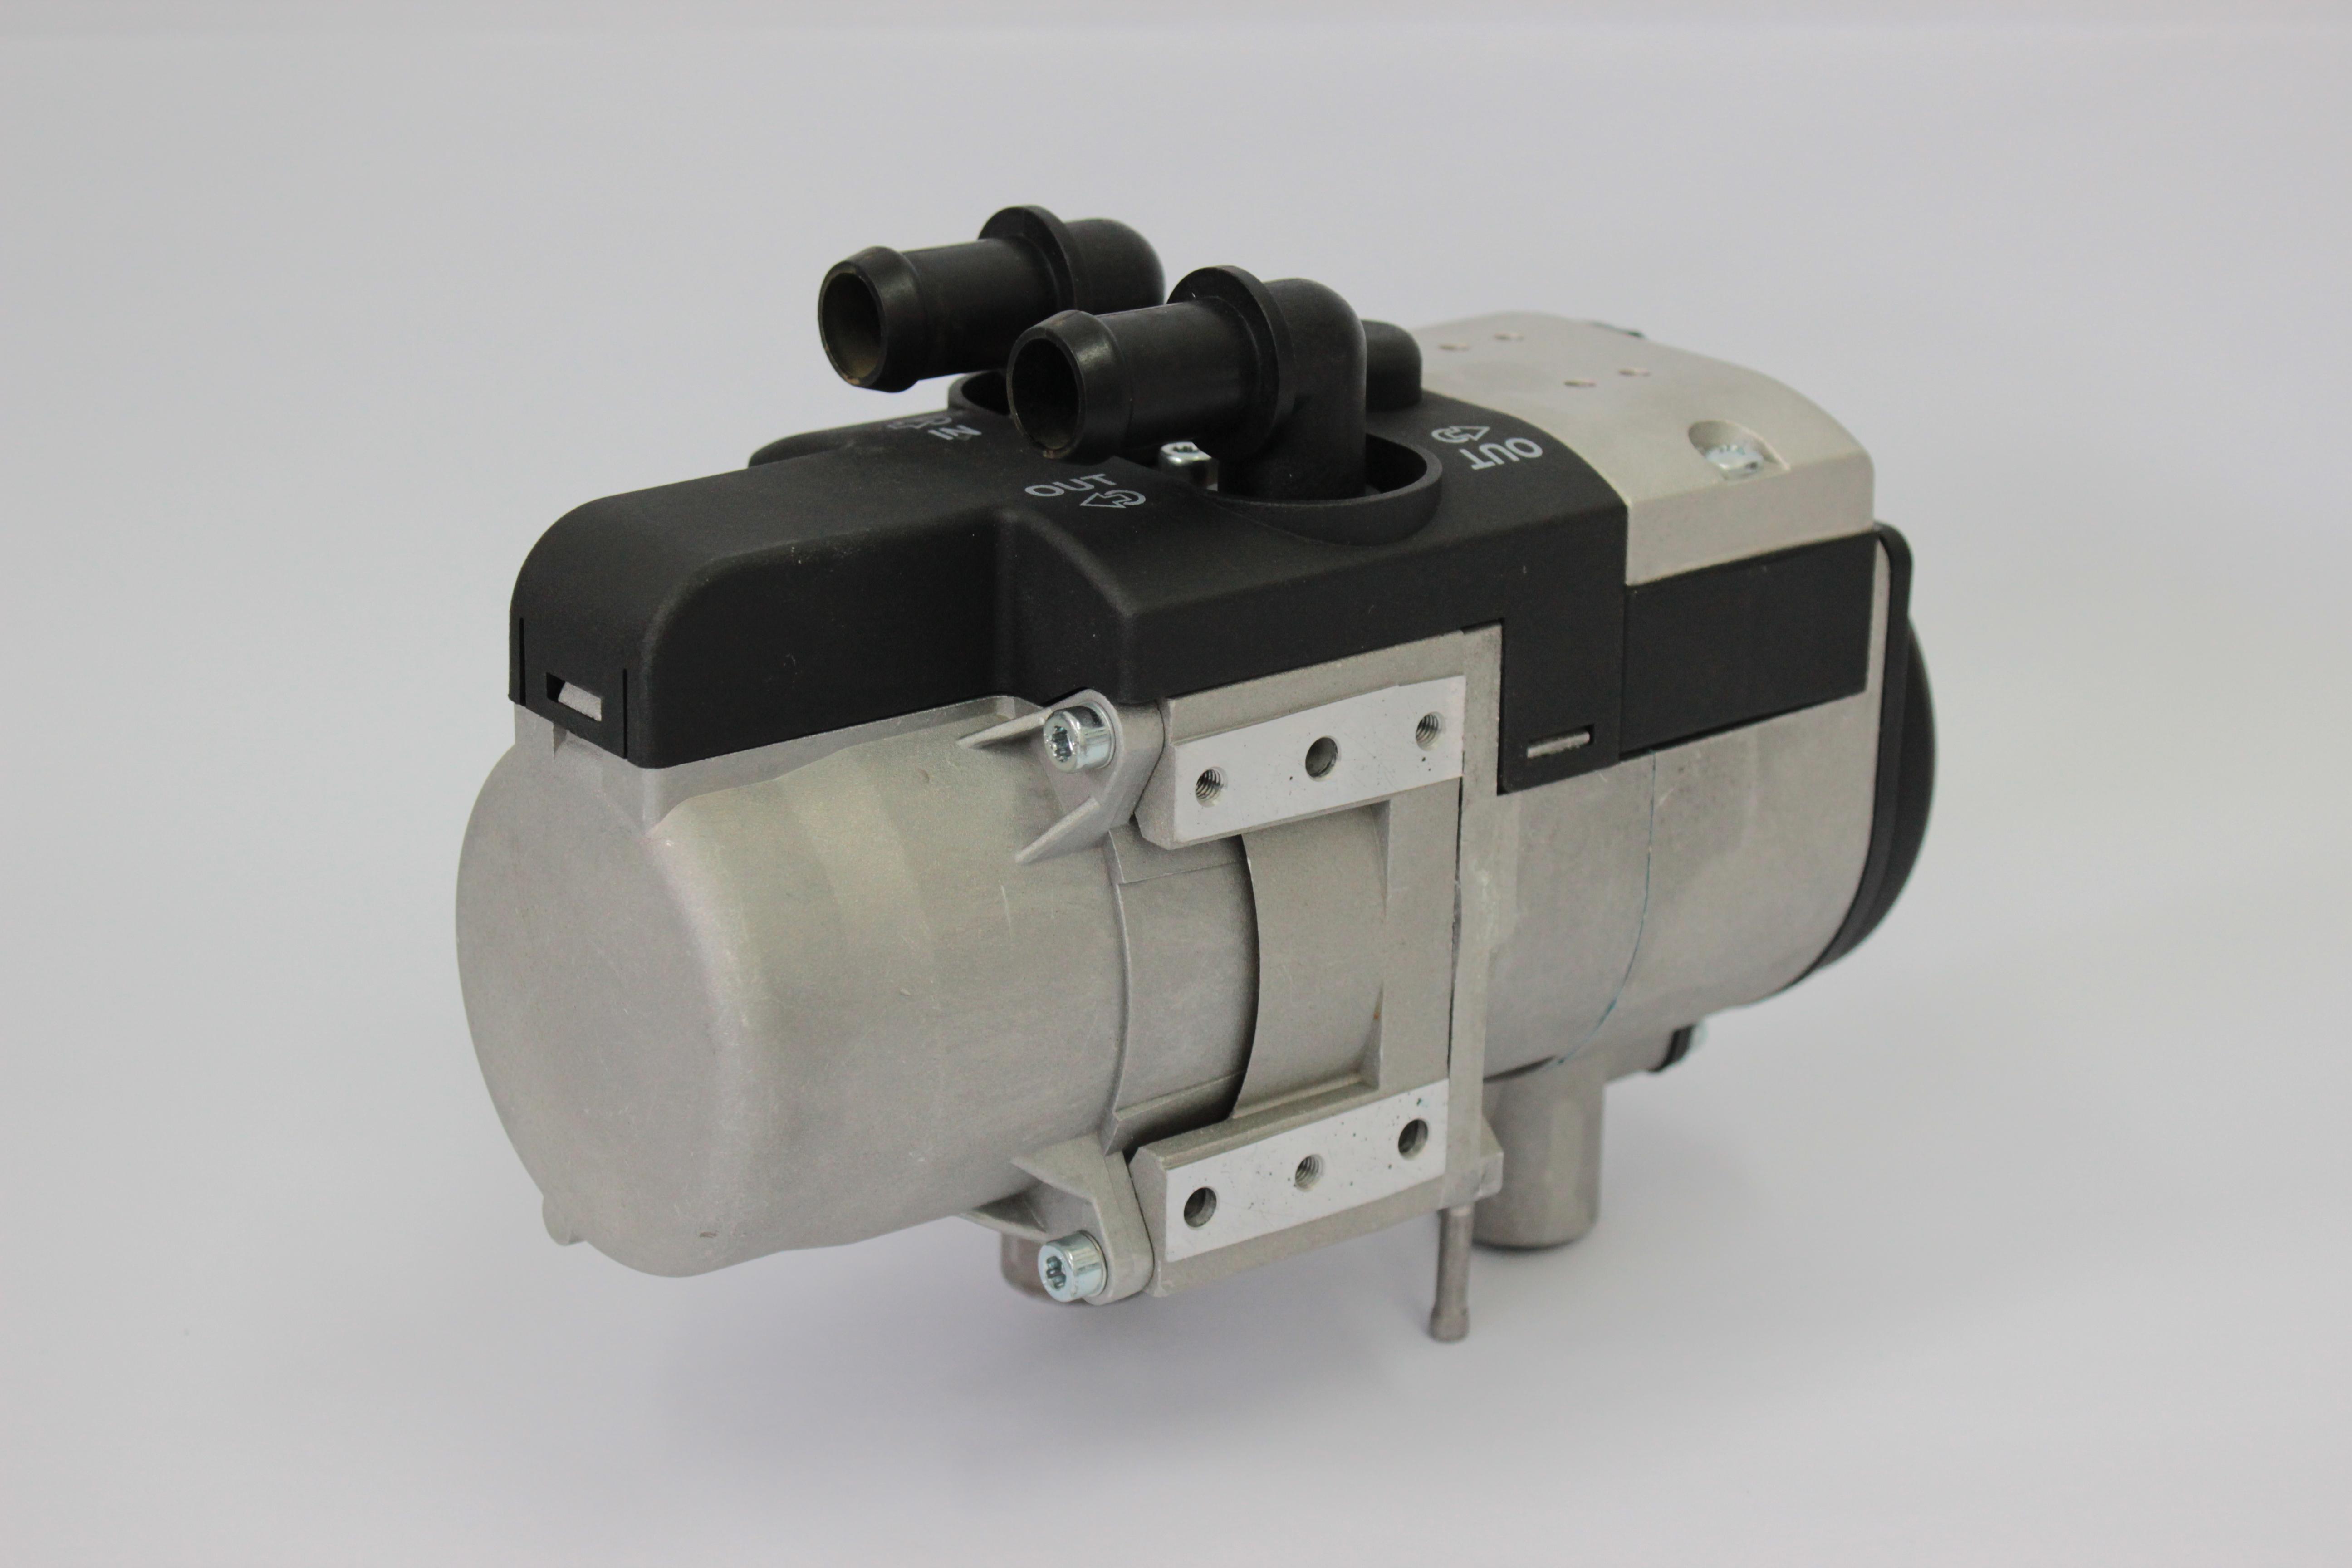 Продаётся предпусковой подогреватель для бензиного двигателя бинар 5бсовершенно новый в зоводской